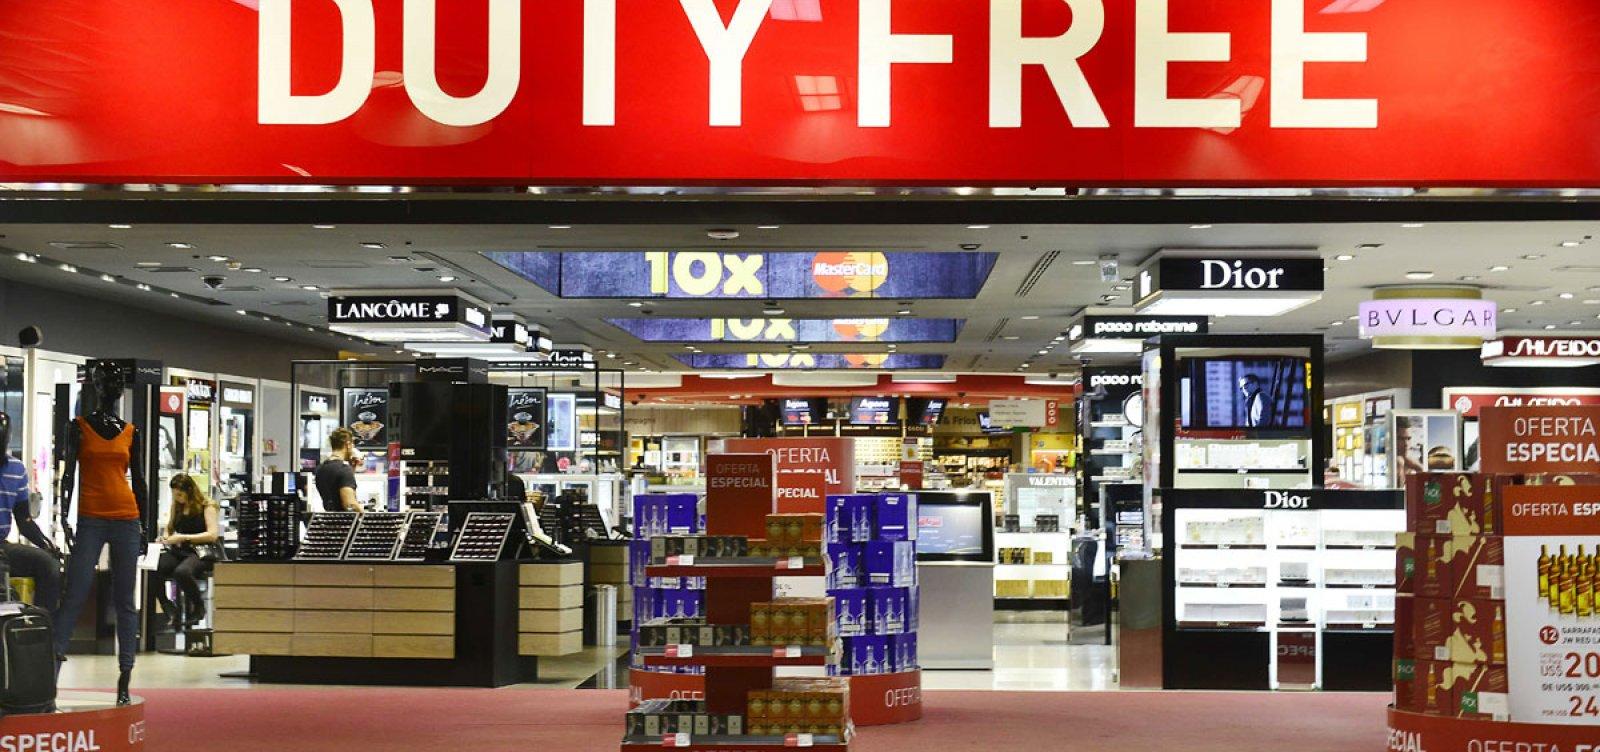 Limite para compras em free shops de aeroportos passa a valer em 2020